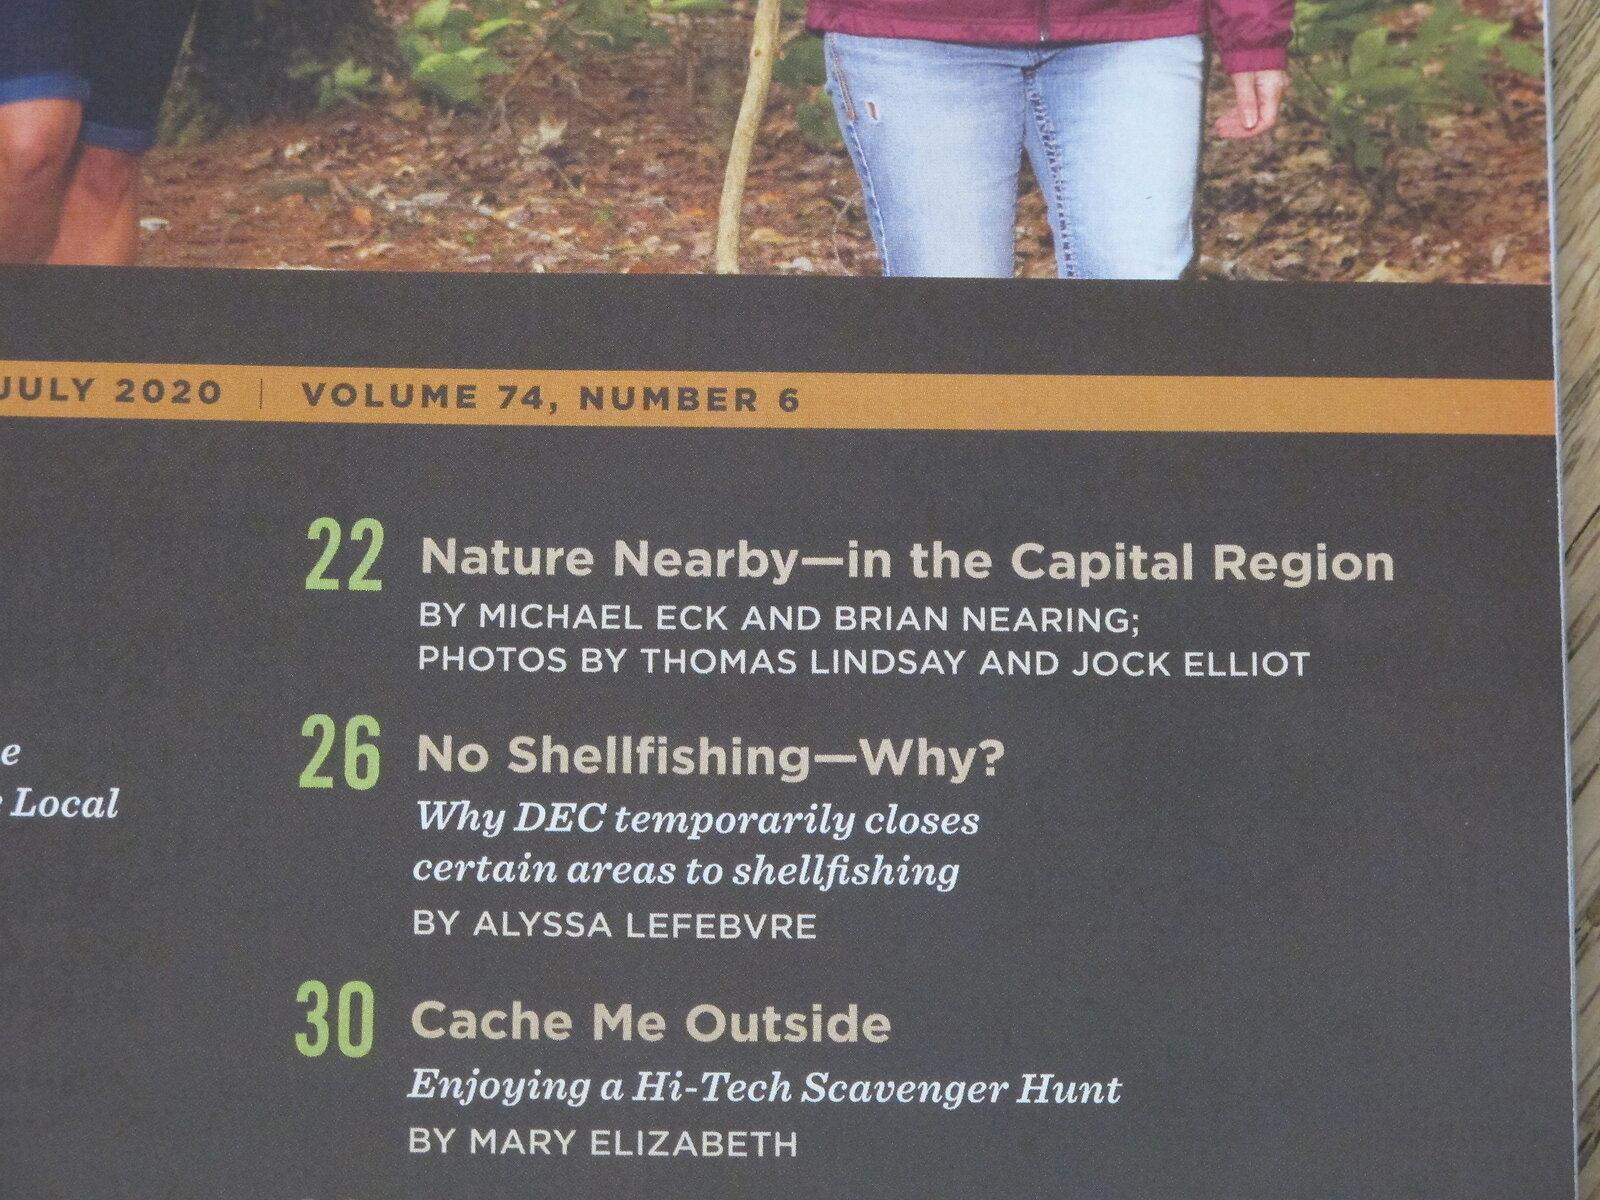 G12 Conservationist magazine 003.JPG